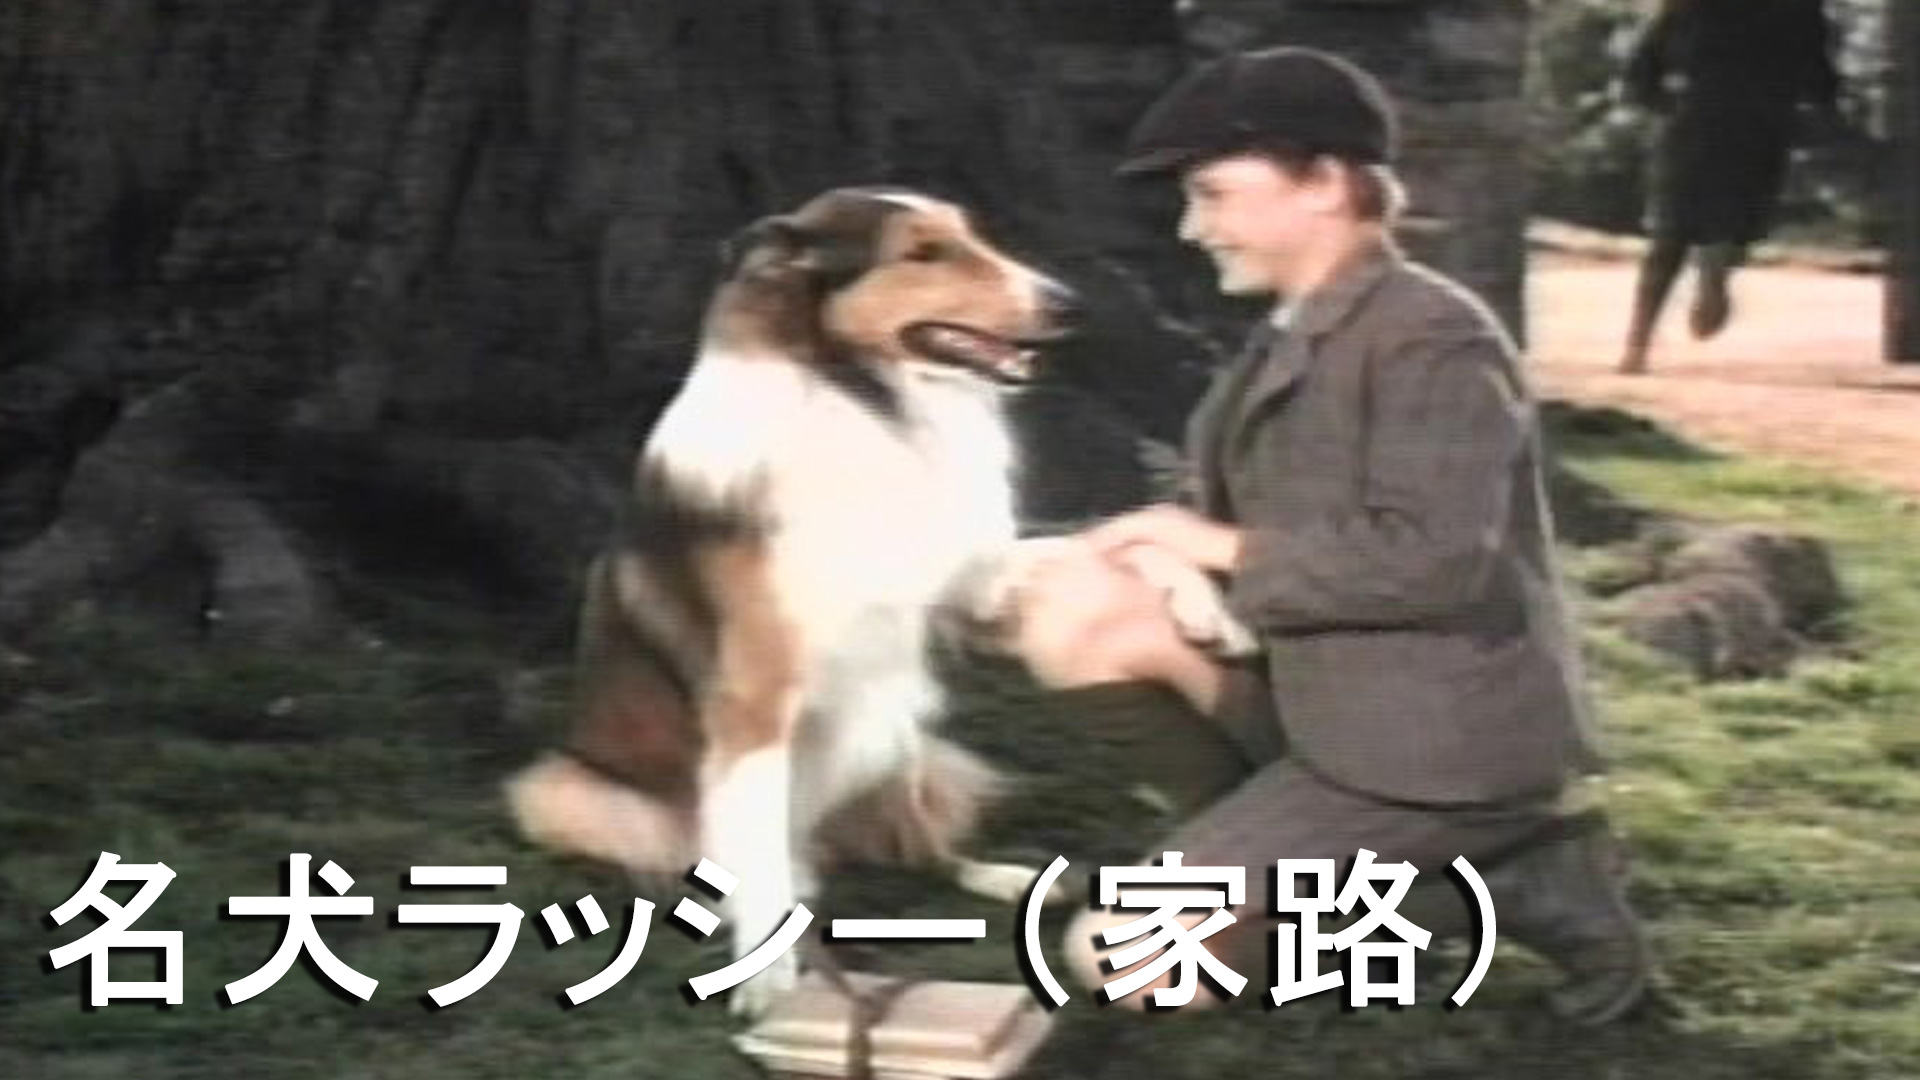 名犬ラッシー(家路)(字幕版)